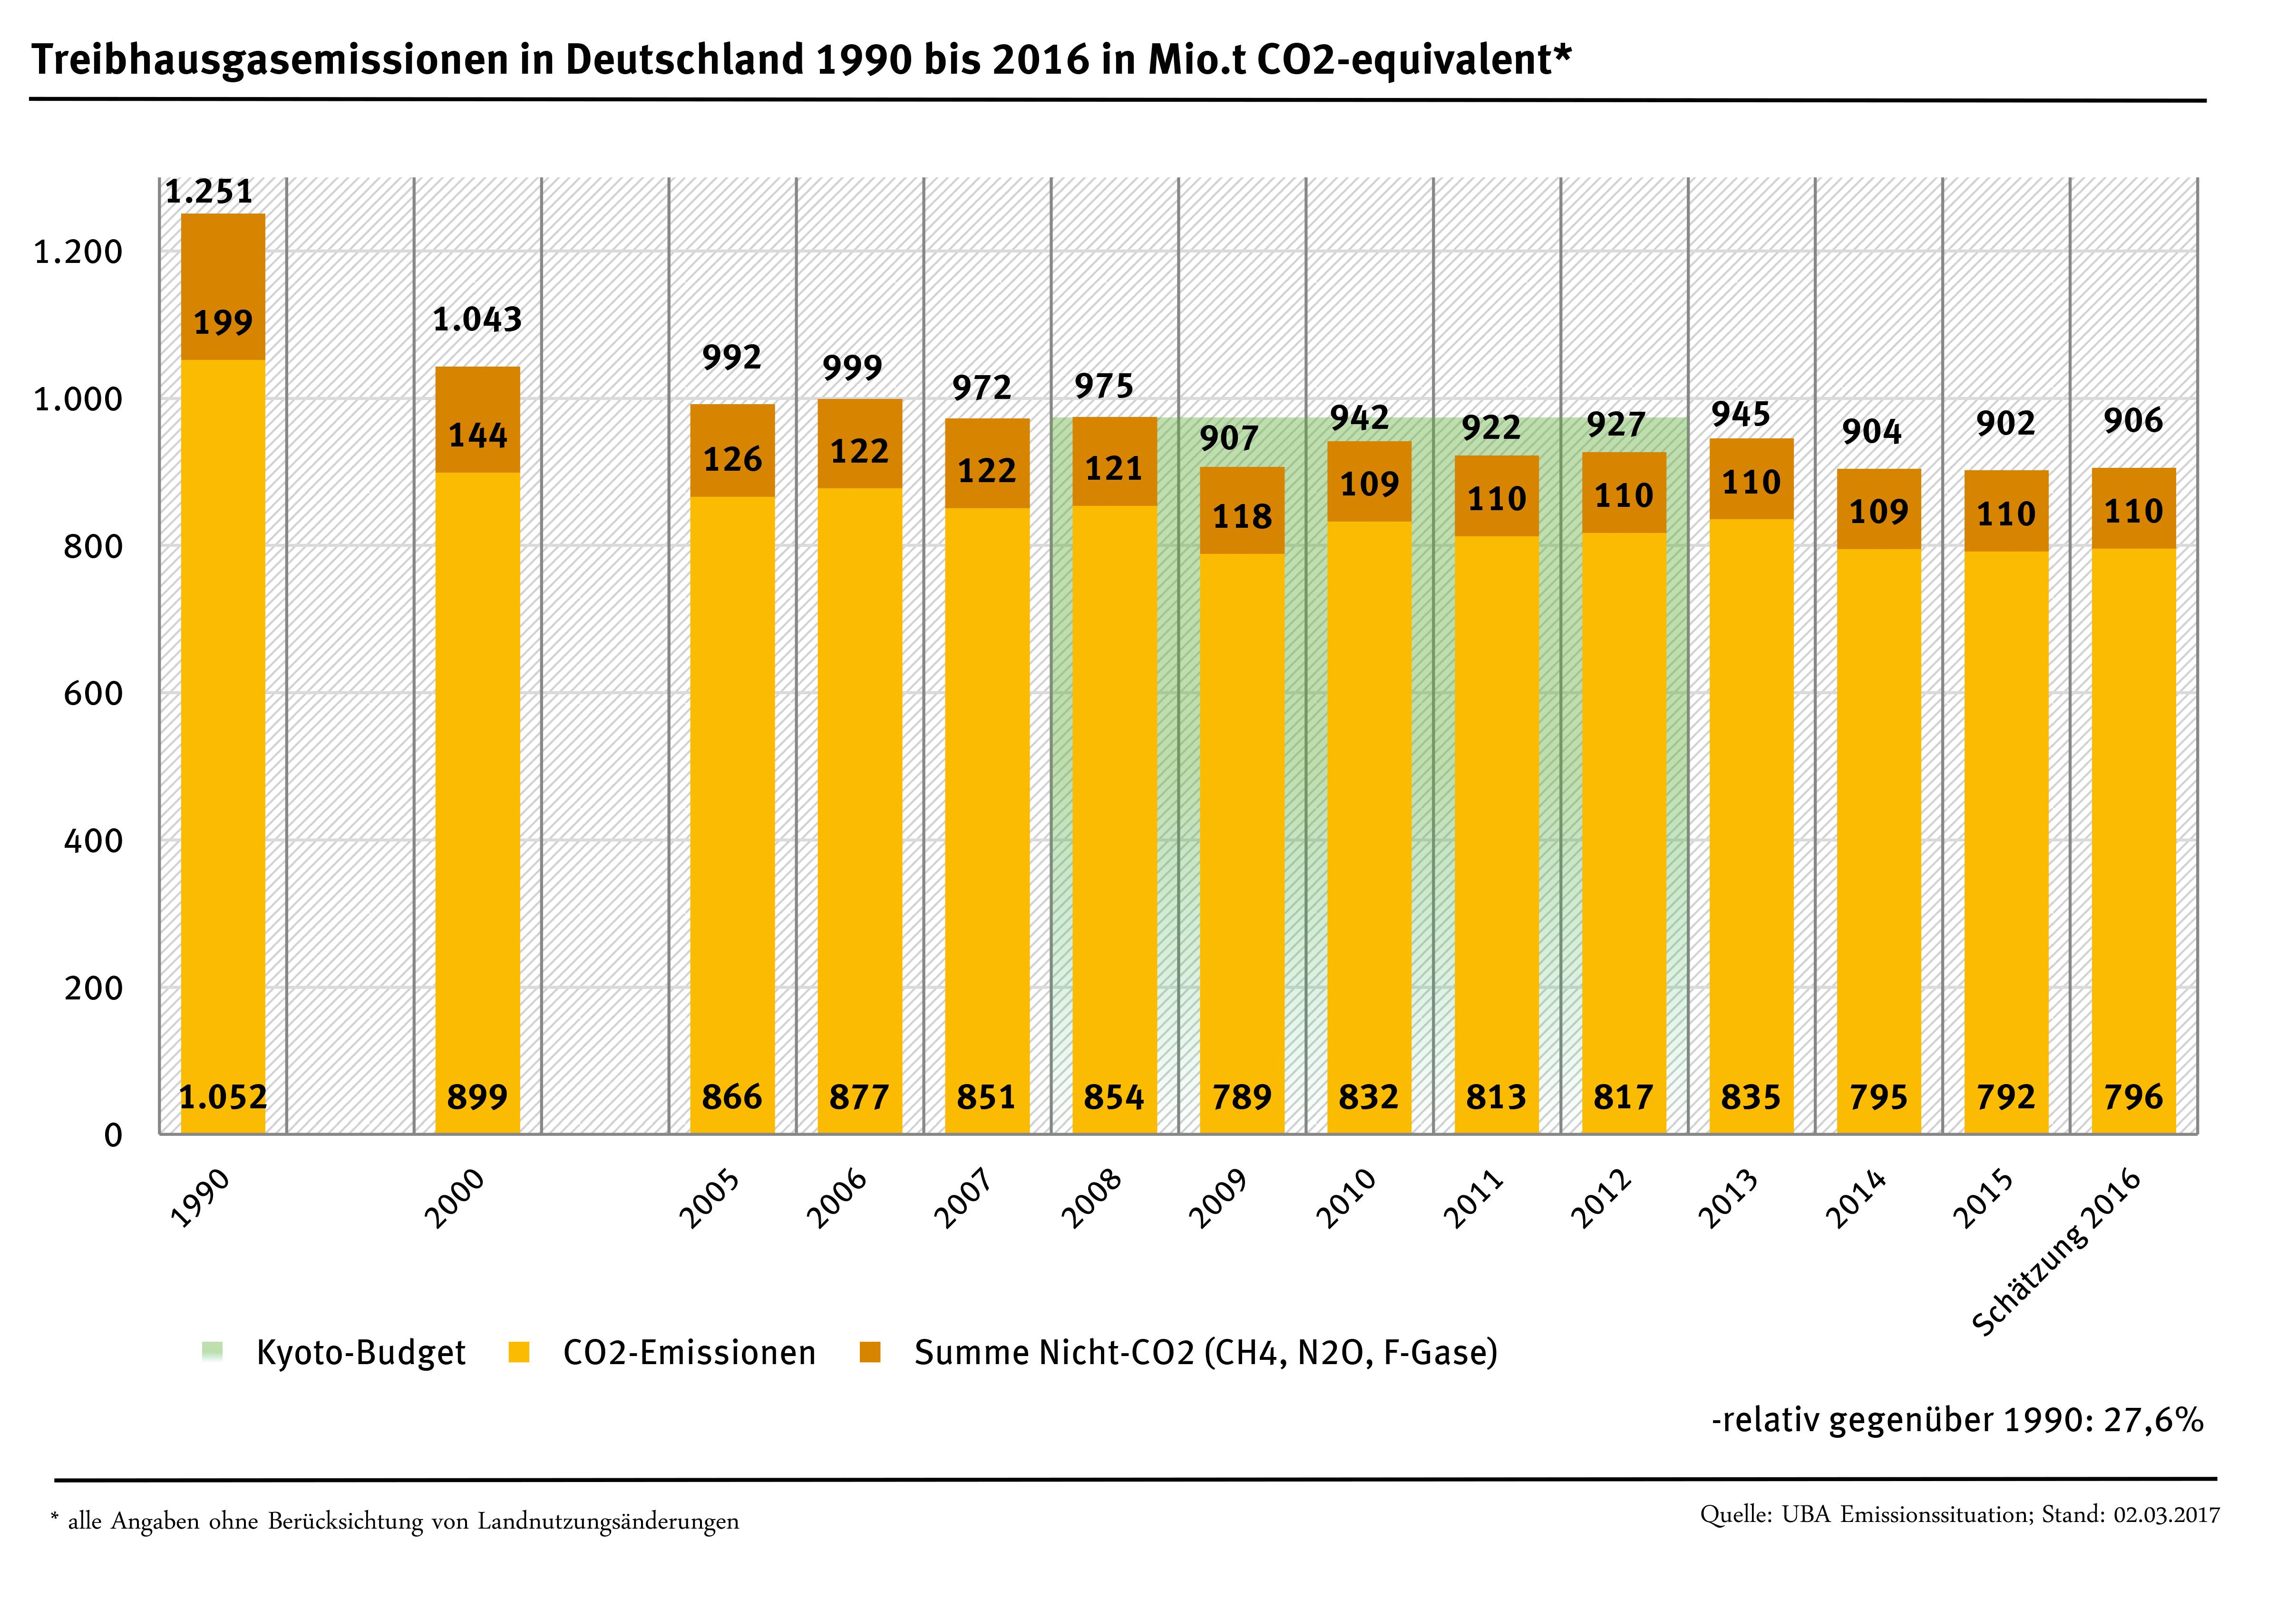 Balkendiagramm zeigt die Entwicklung der Treibhausgasemissionen von 1990 bis 2016